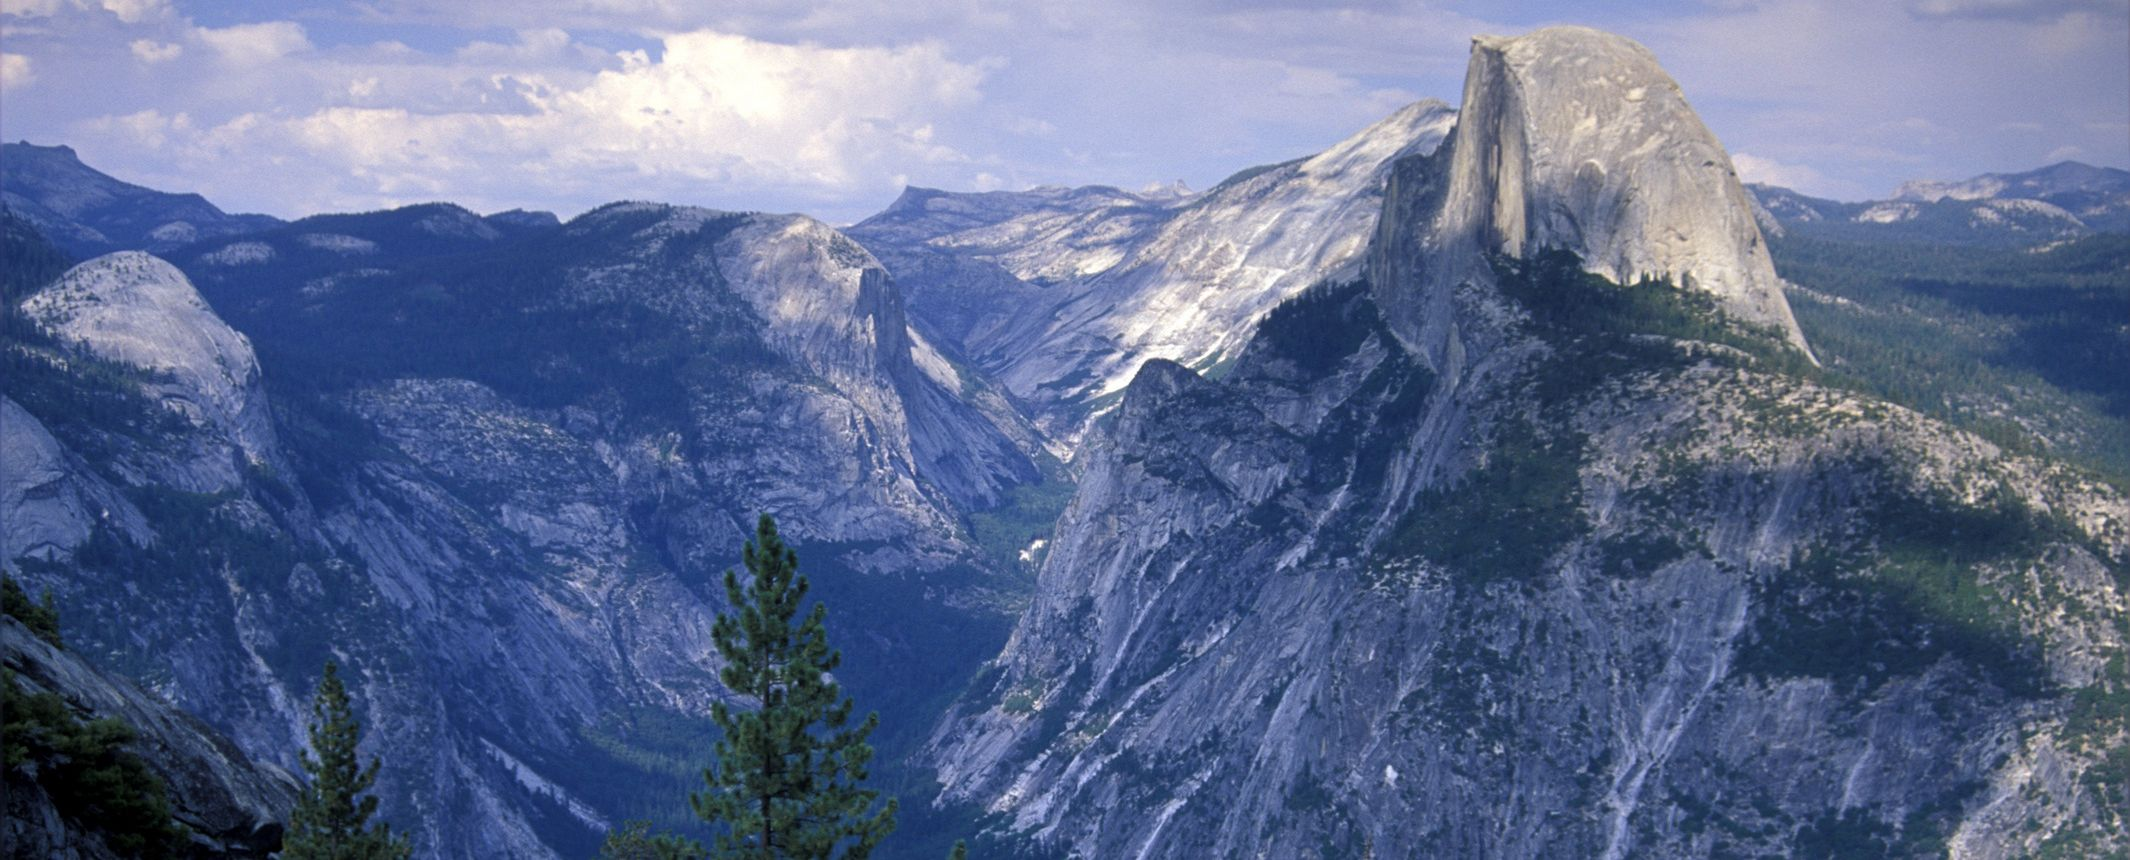 Estados Unidos - Costa Pacífico Norte y Yosemite. Ruta de senderismo